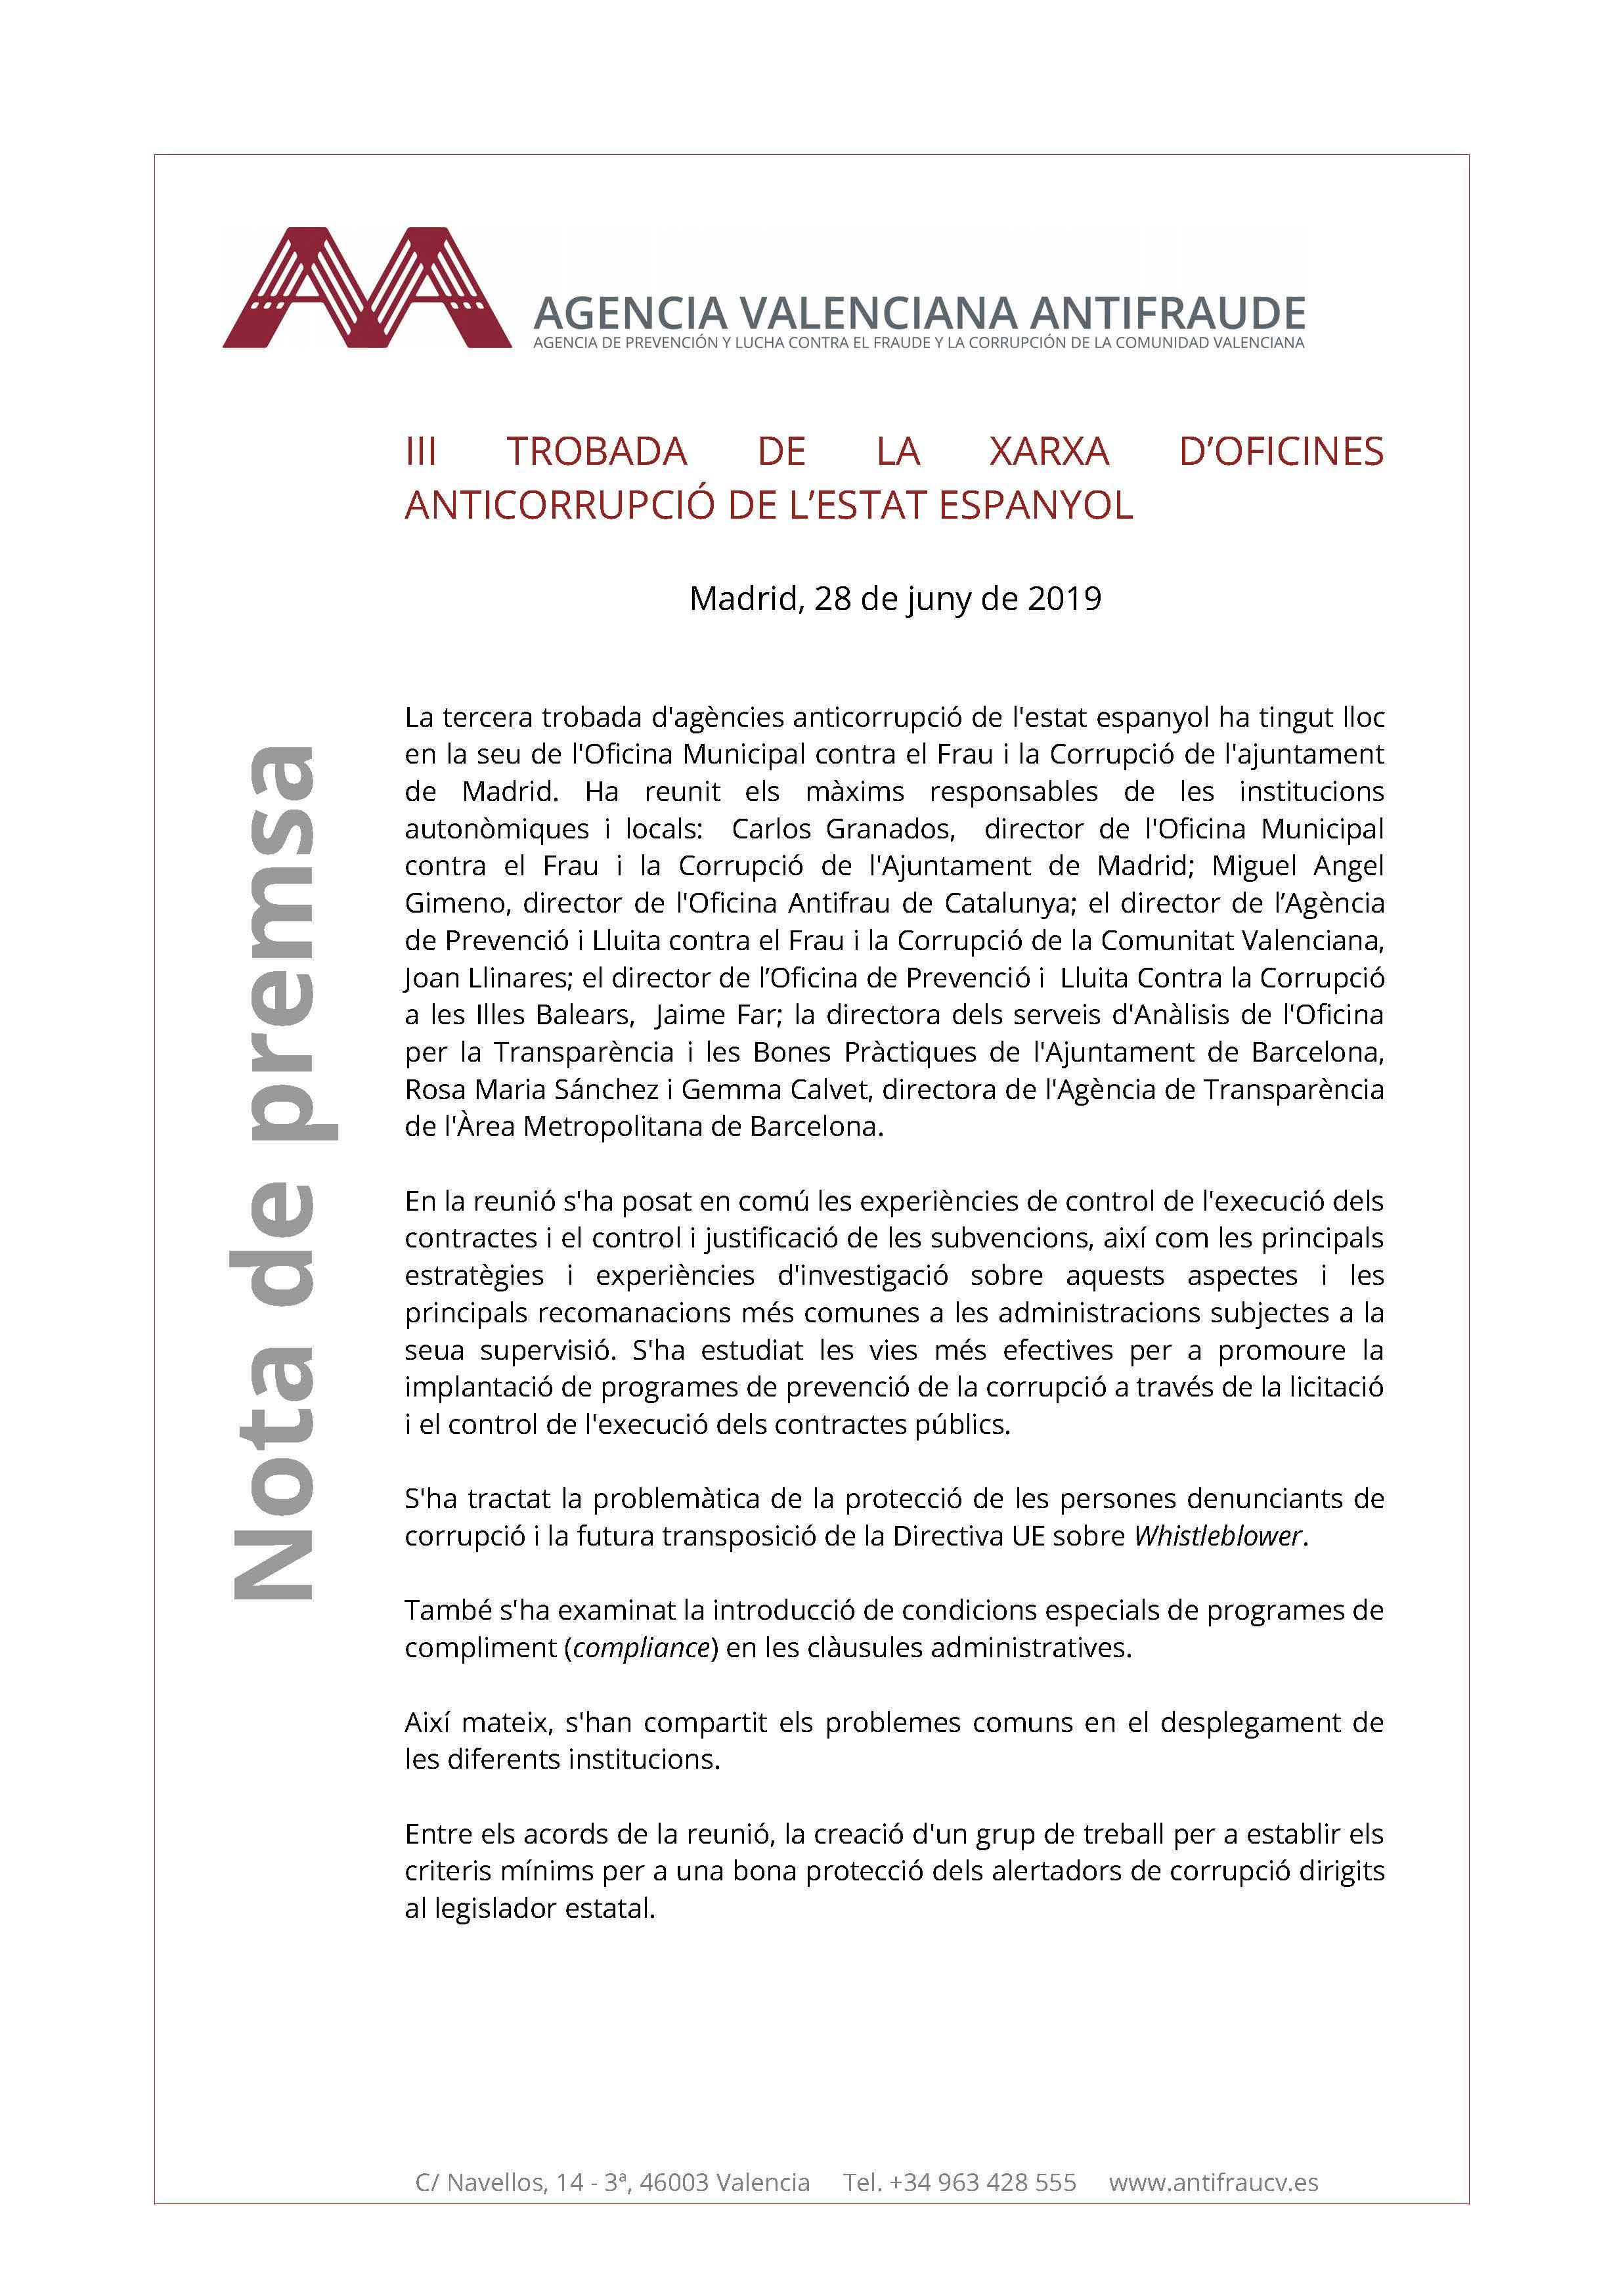 III Trobada de la xarxa d'oficines de l'estat espanyol